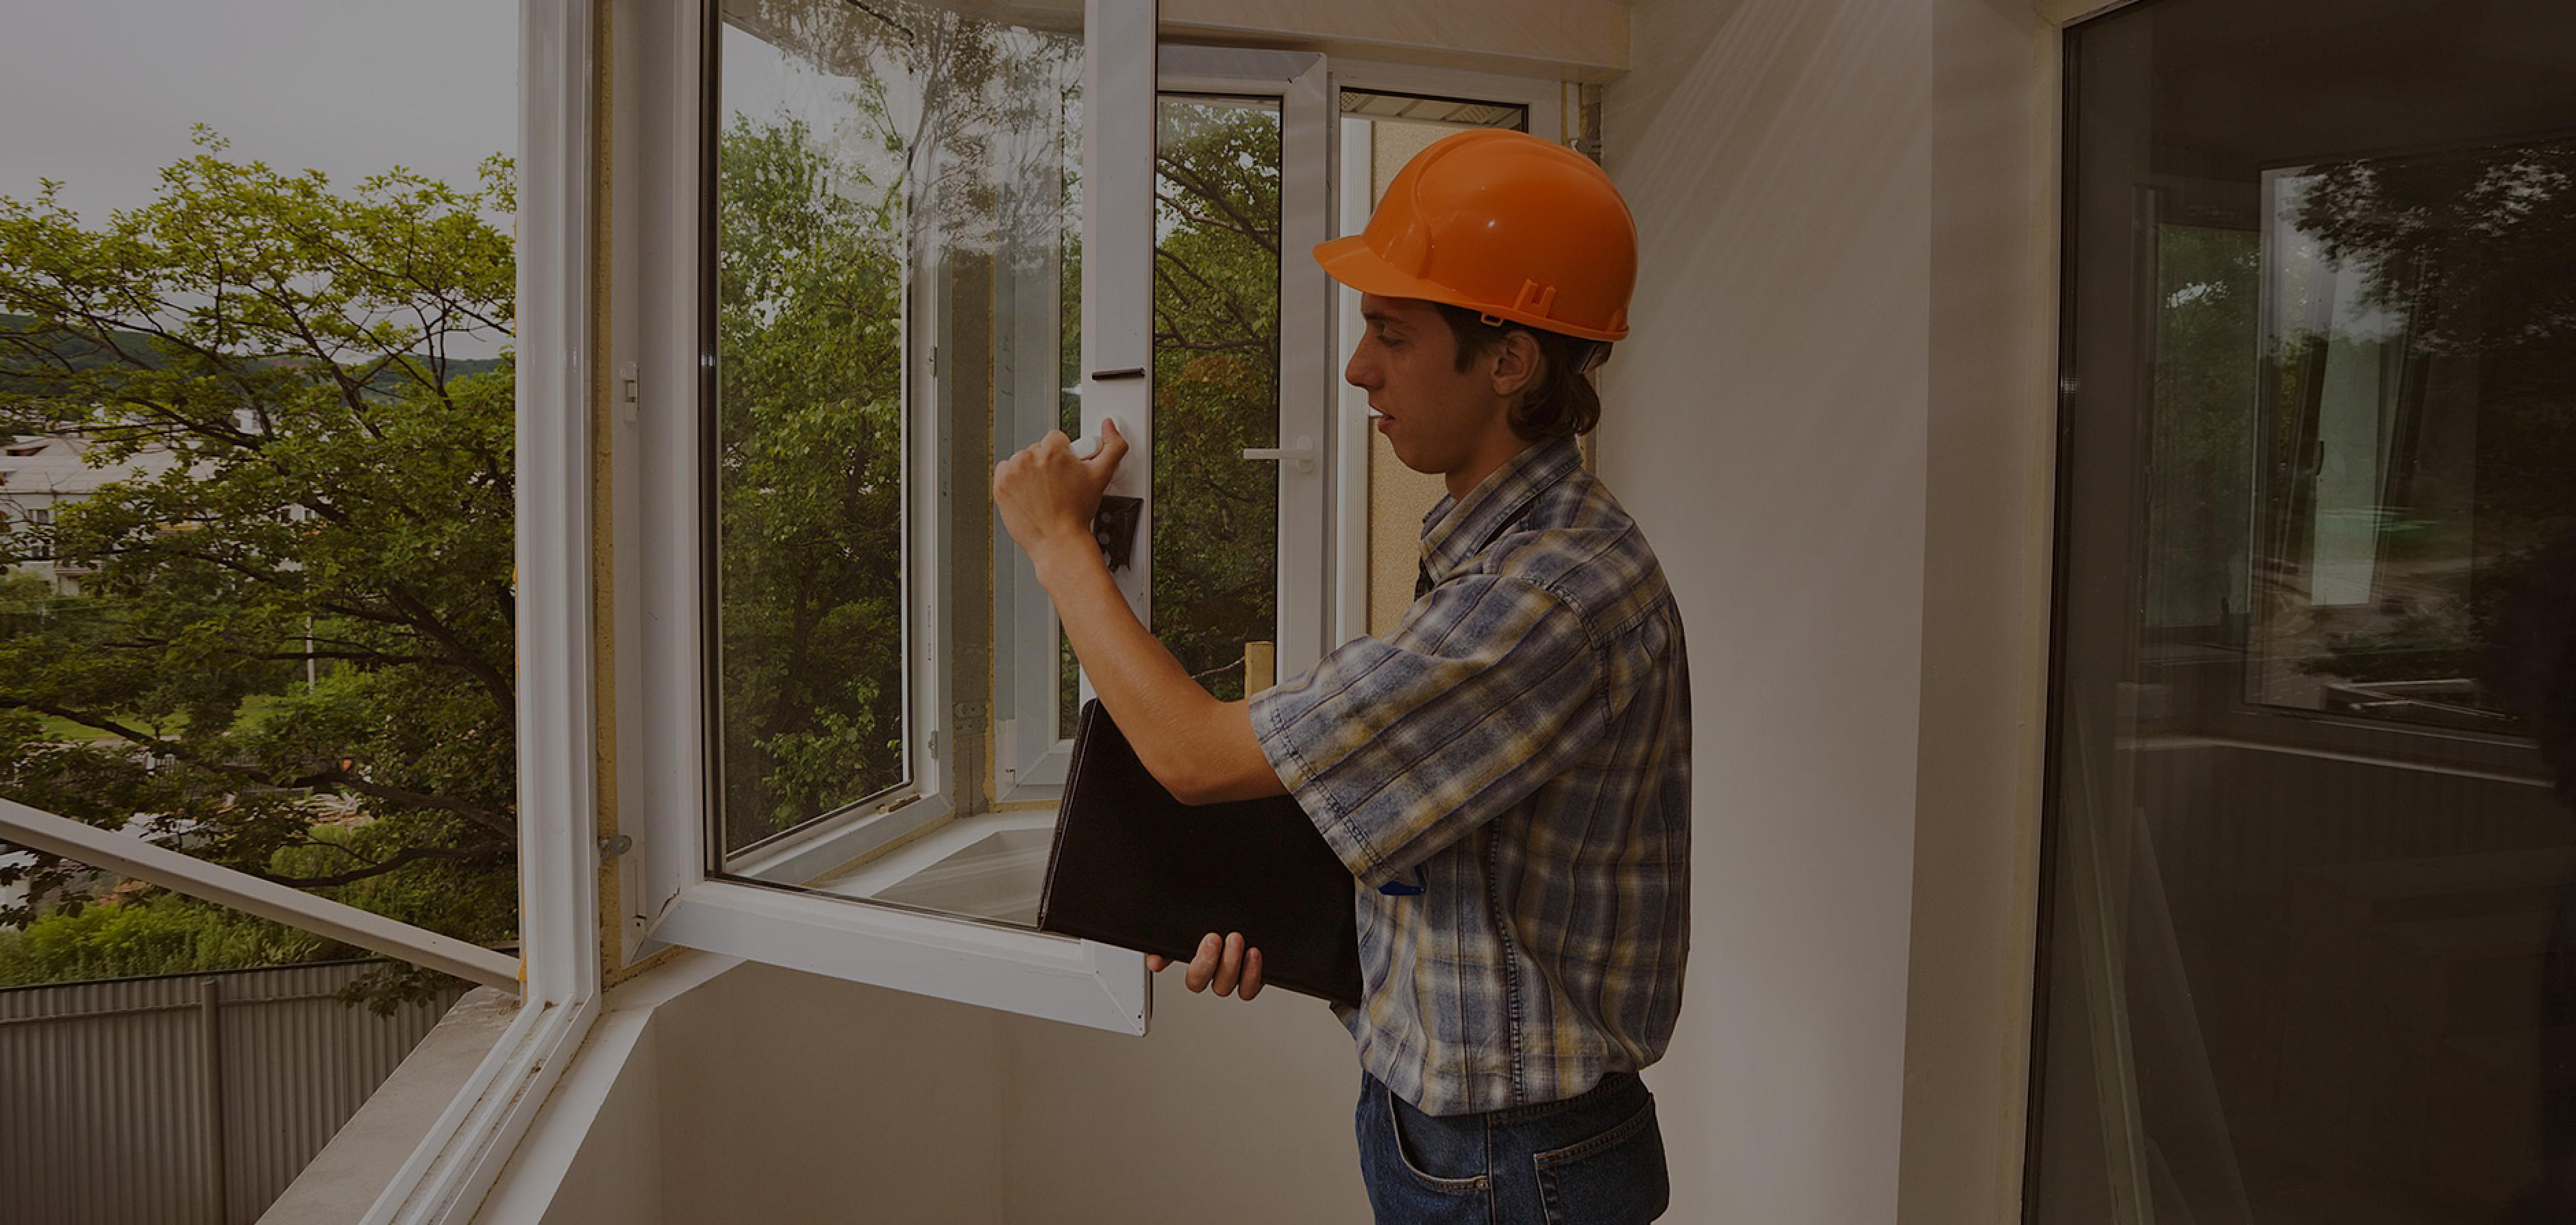 Остекление балкона пластиковыми окнами.